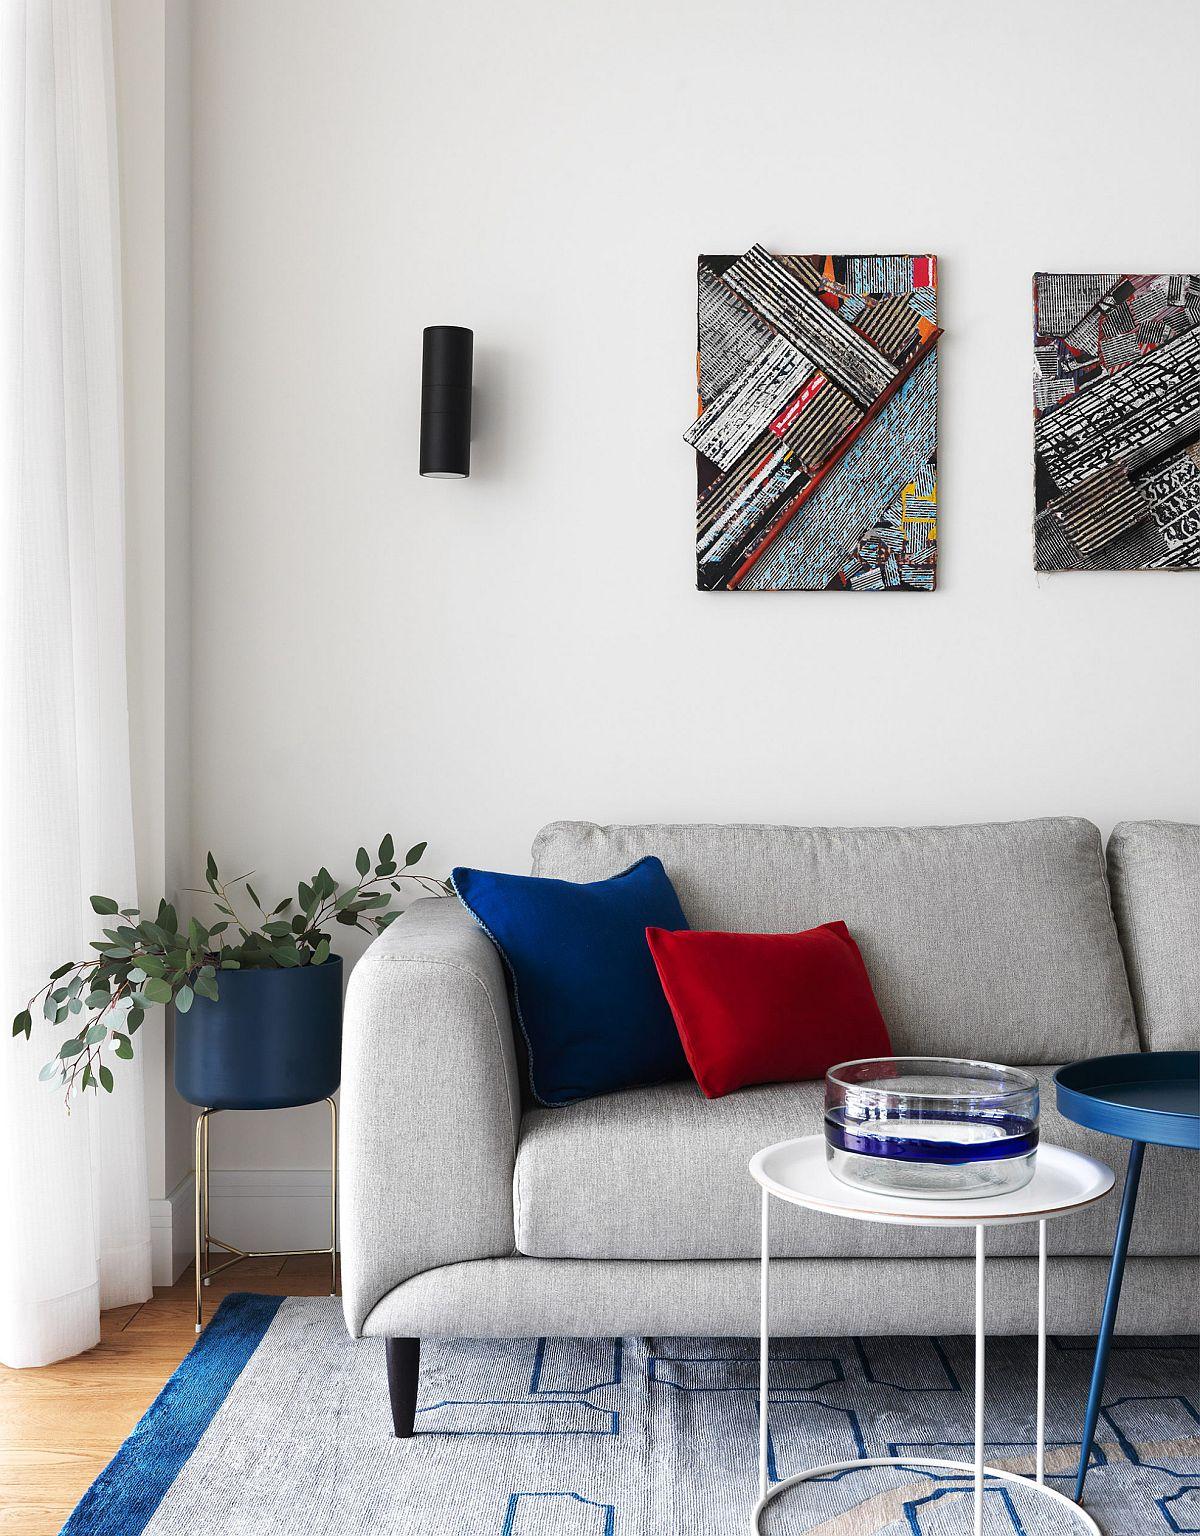 Separarea cu perdea este și între zona de canapea din living și cea de relaxare situată în fața ferestrei livingului. Astfel, cu ajutorul țesăturilor vaporoase, delimitările sunt mobile, dar materialele conferă și o textură și un volum delicat în locuință.